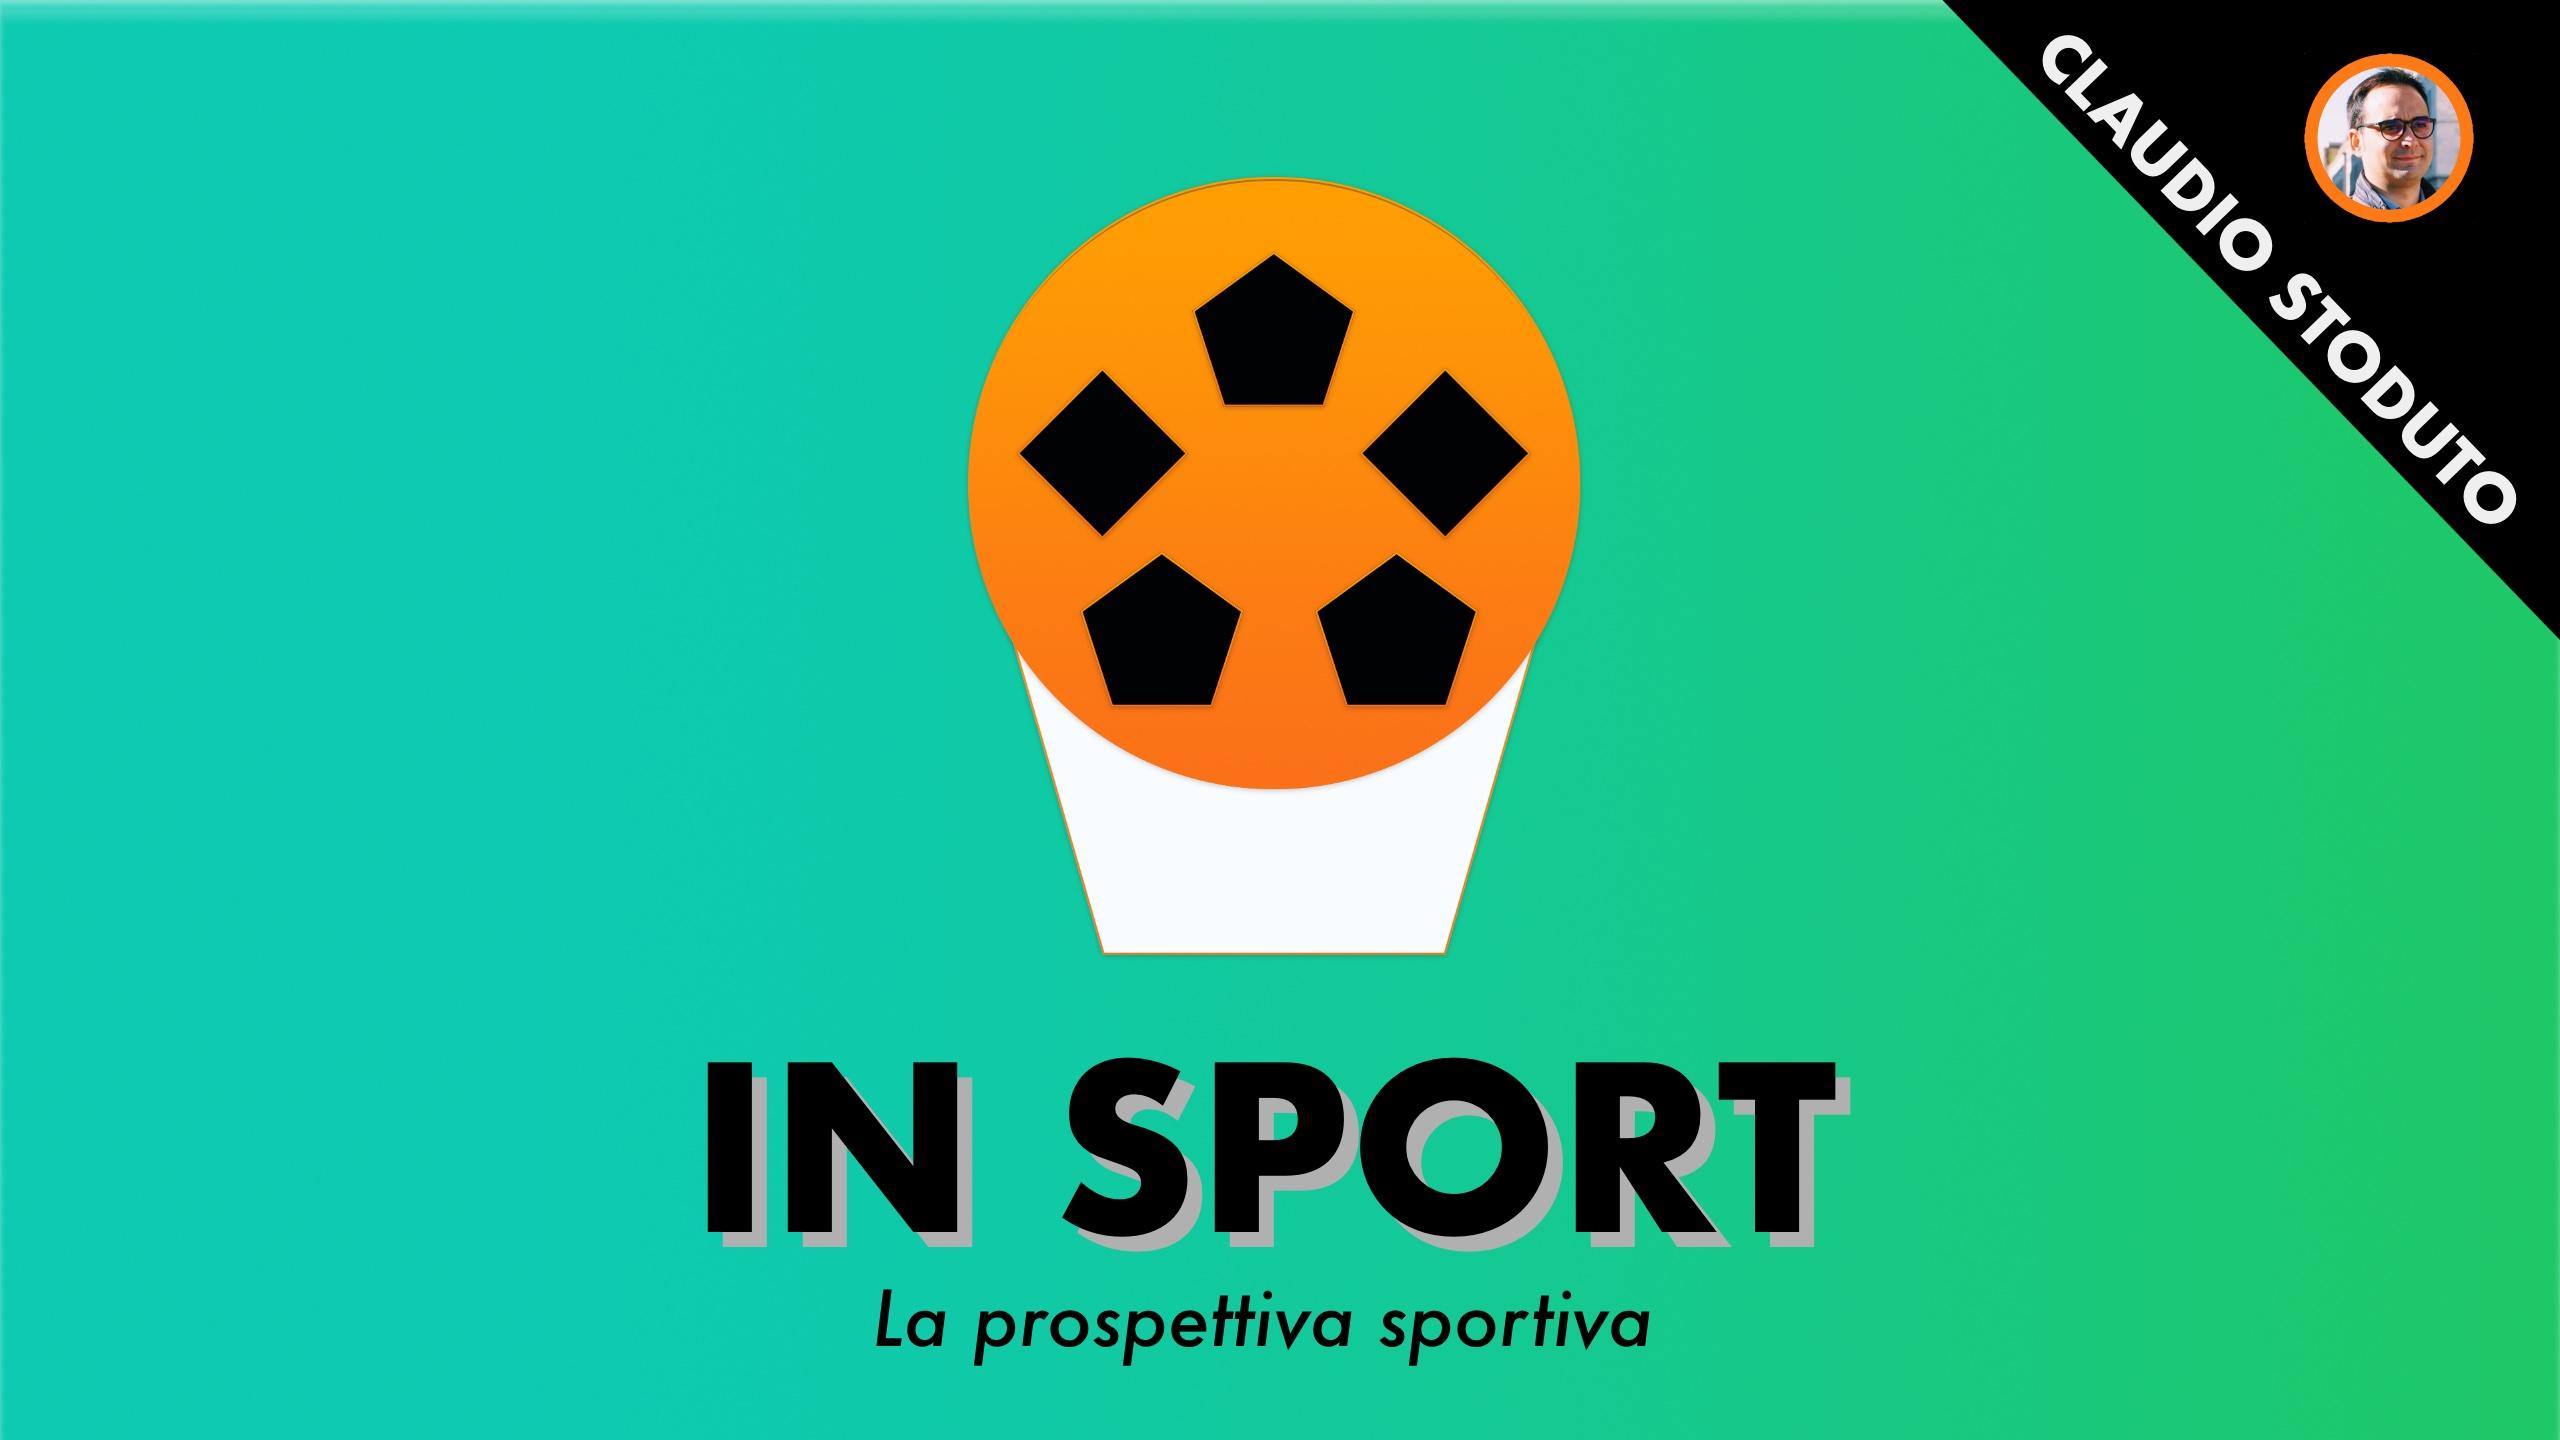 IN Sport